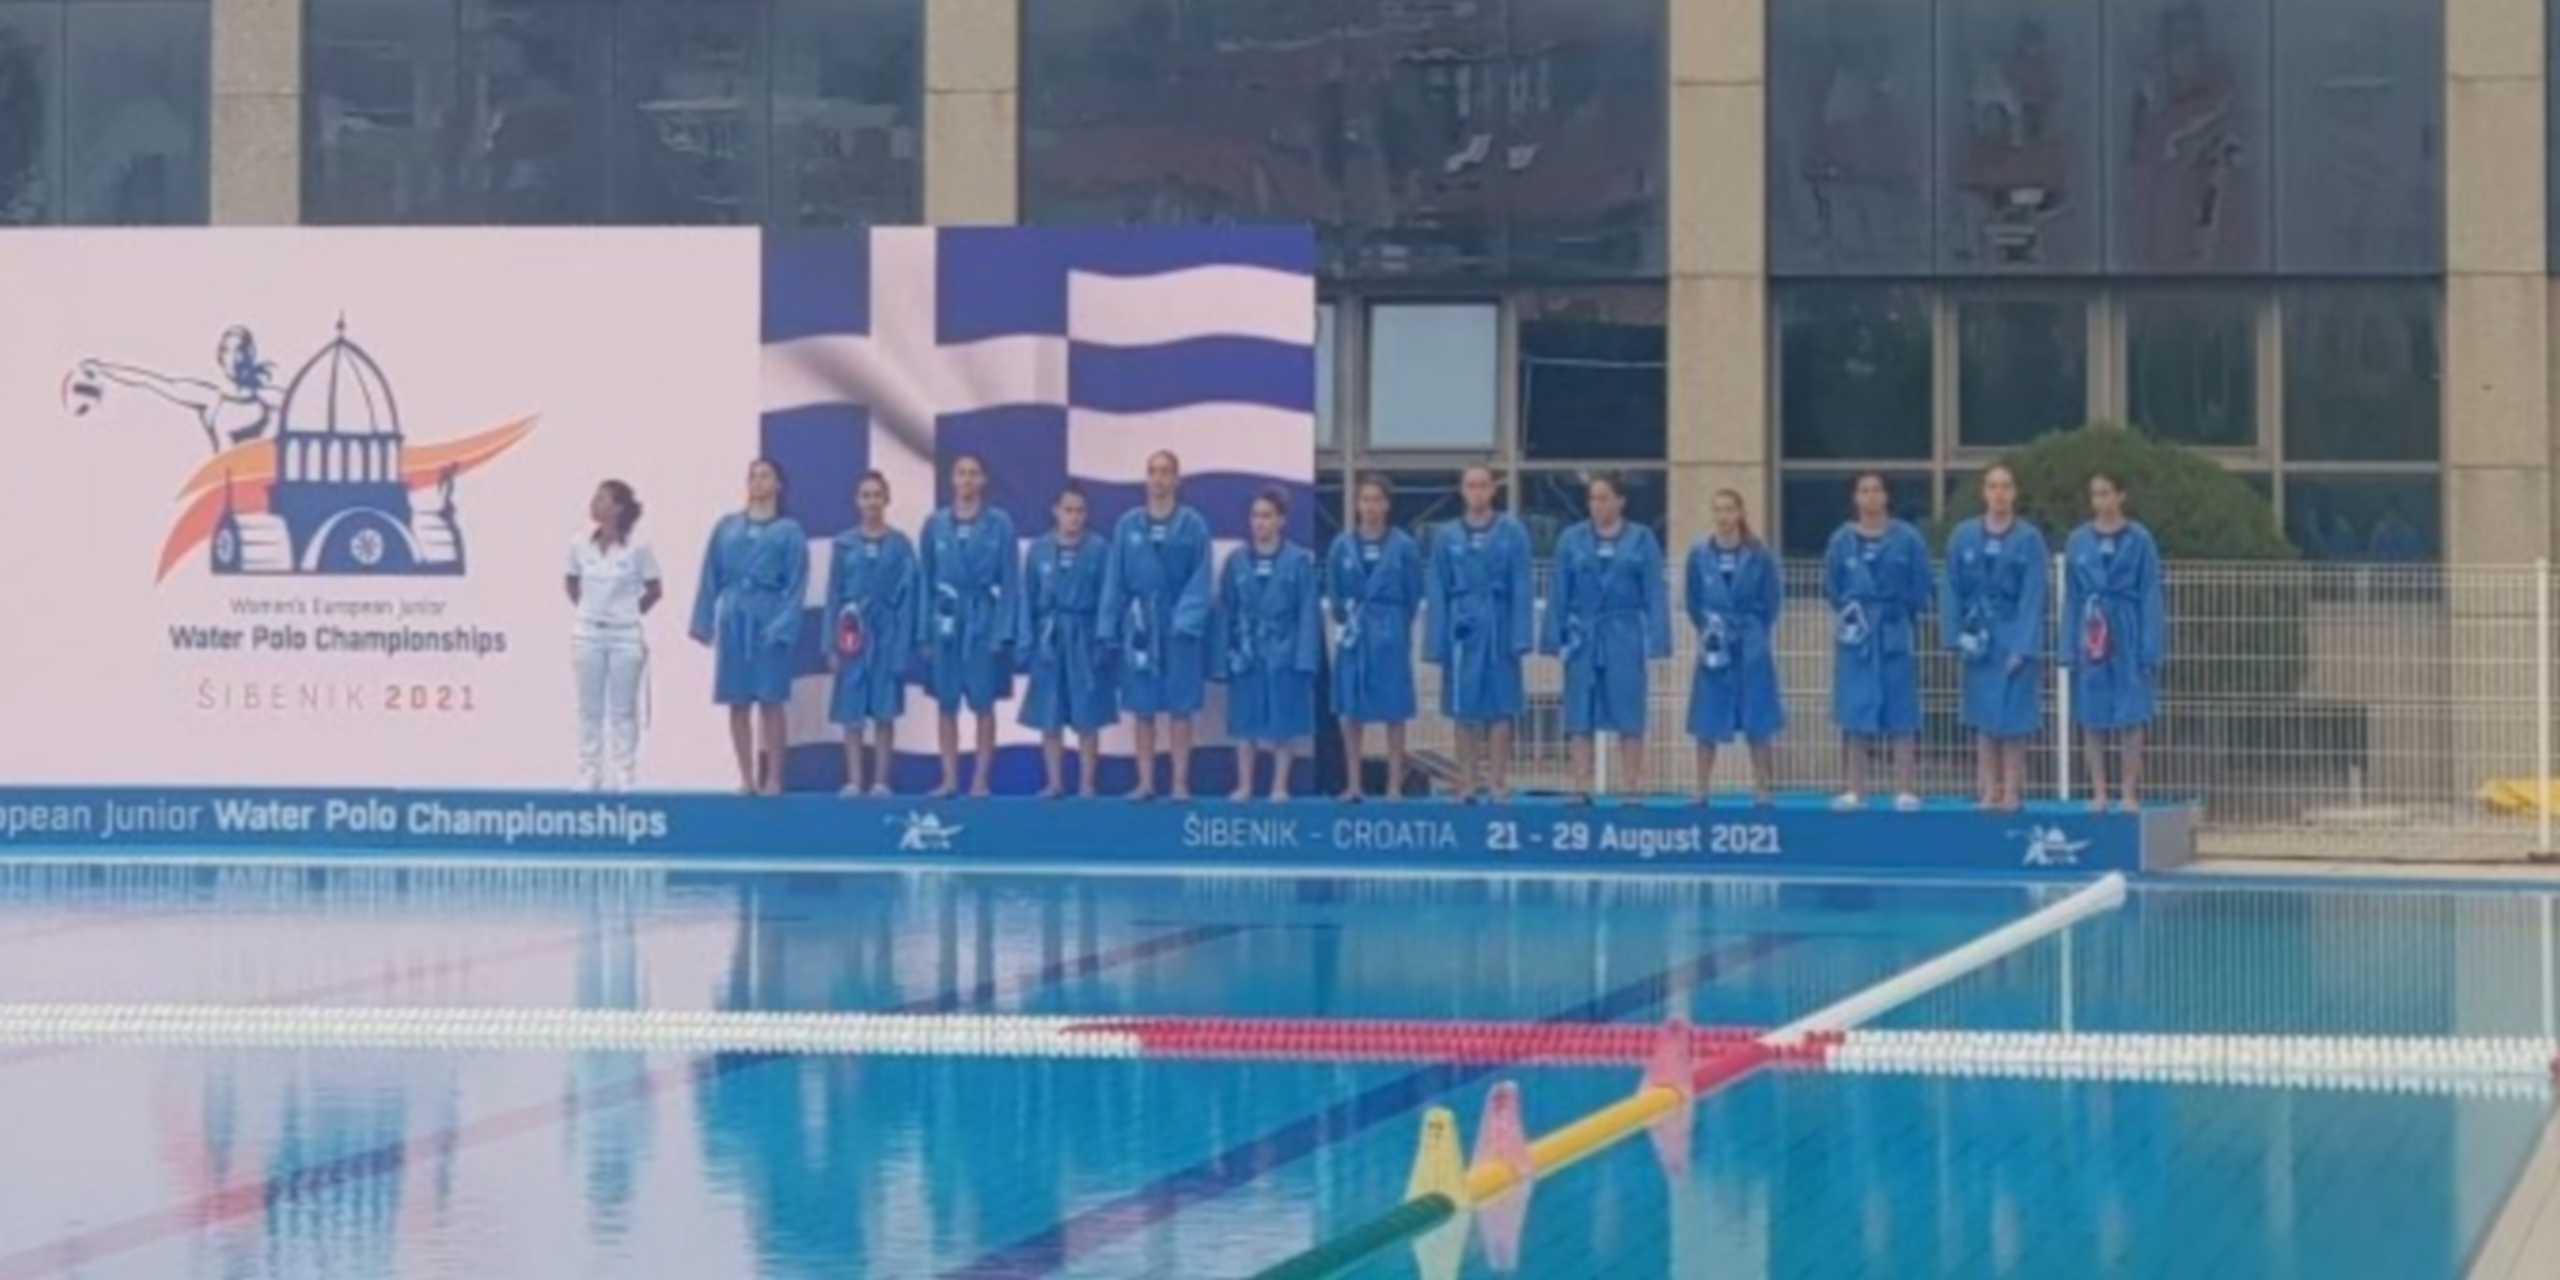 Ρωσία – Ελλάδα 12-8: Ήττα και ασημένιο μετάλλιο για το Πόλο Νεανίδων